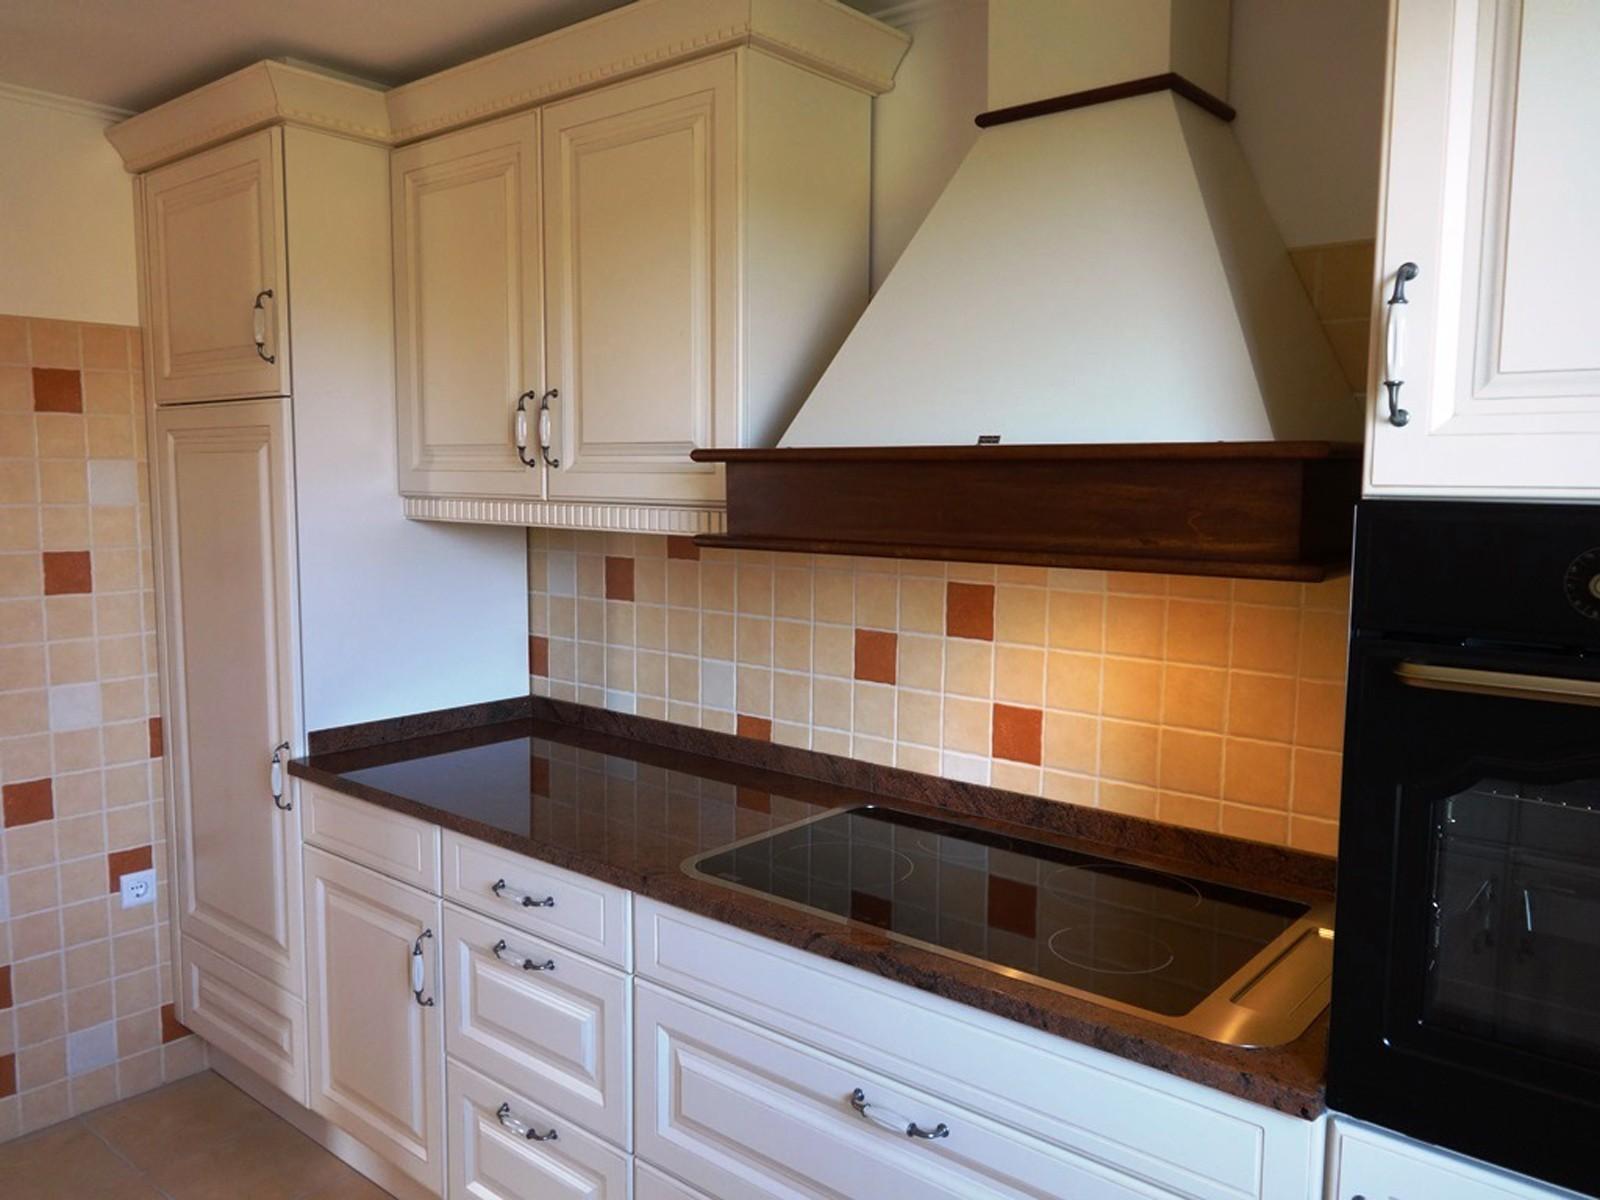 Referință - Bucătărie clasică Nobilia Castello - Bej antichizat / Granit autentic